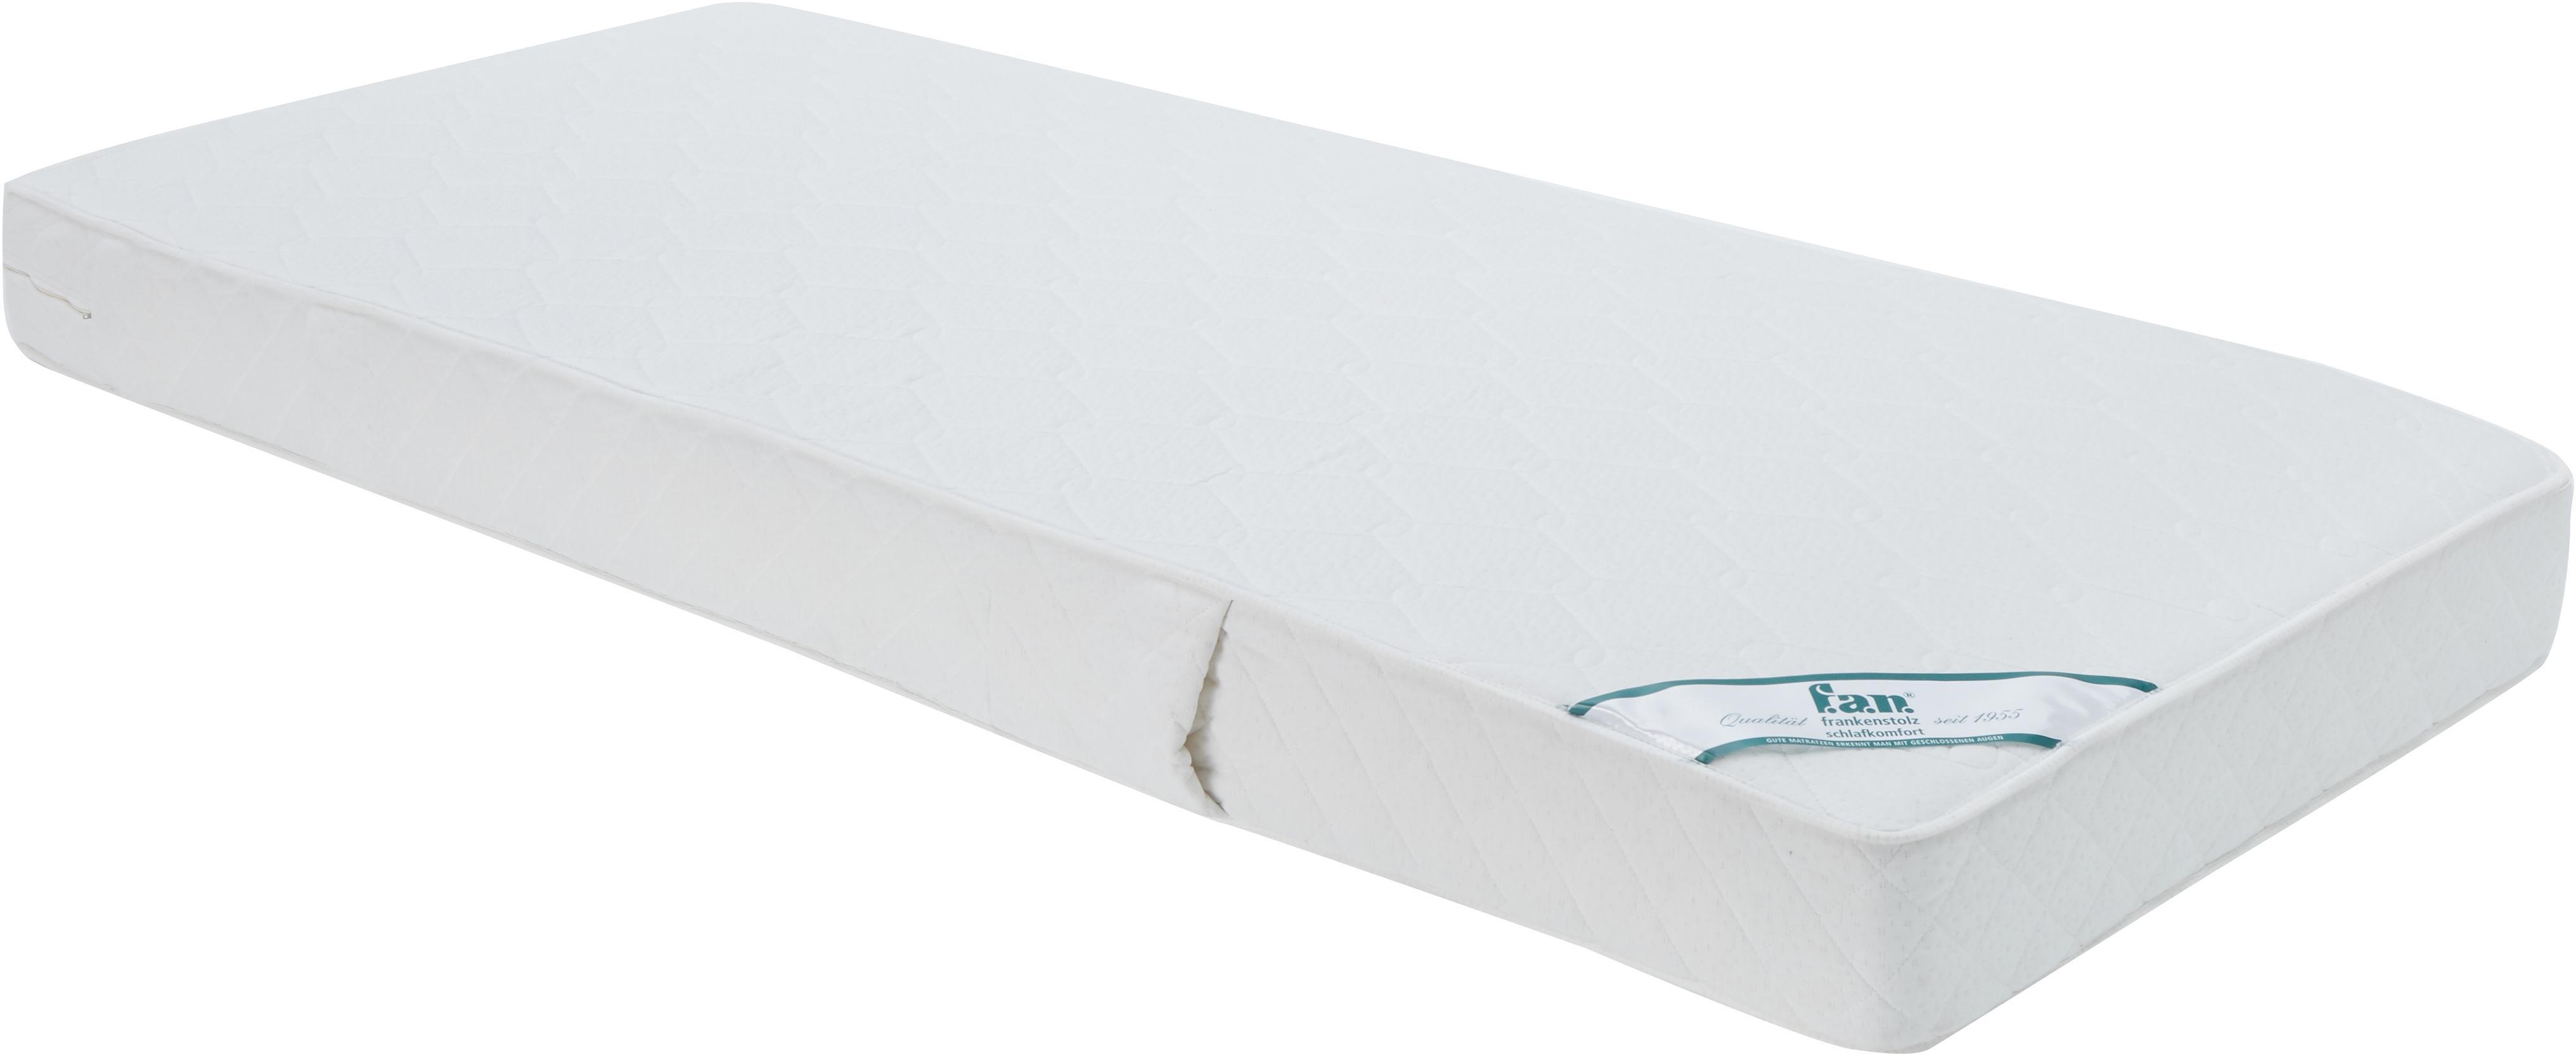 Pocketvering matras Happy, Onderzijde: ongeveer 200 g/m² klimaat, Wit, 80 x 200 cm